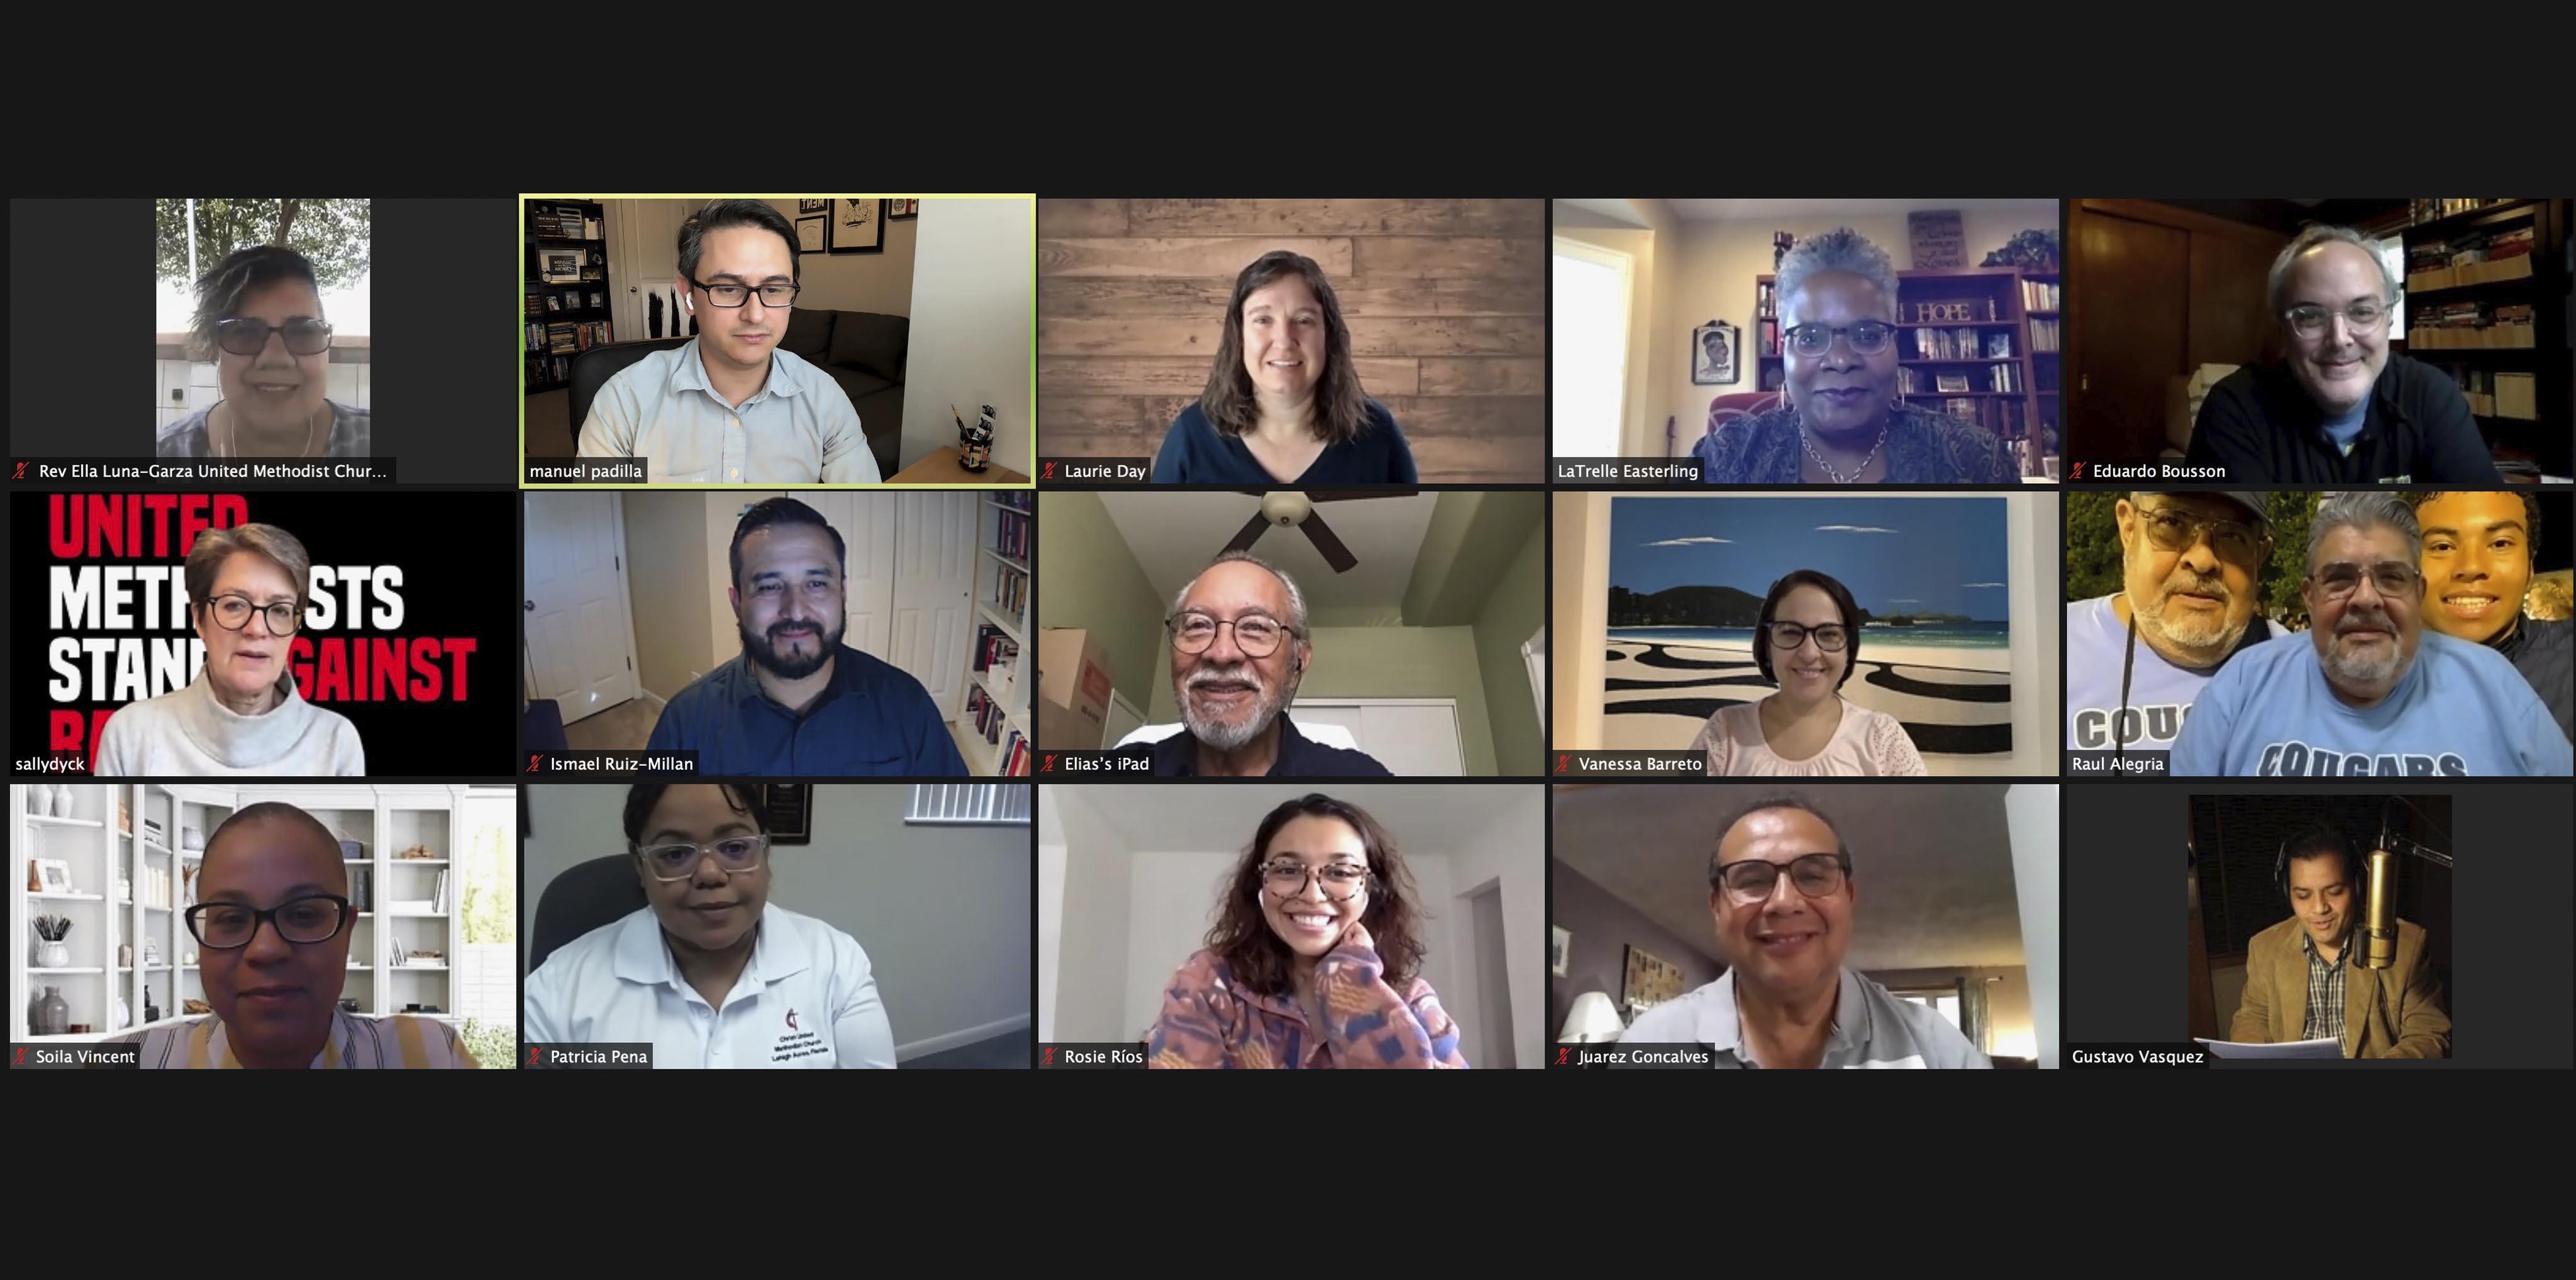 Entre el 22 y 23 de octubre la junta directiva del PNMHL estuvo reunida de manera virtual. Captura de pantalla cortesía de Manuel Padilla , PNMHL.